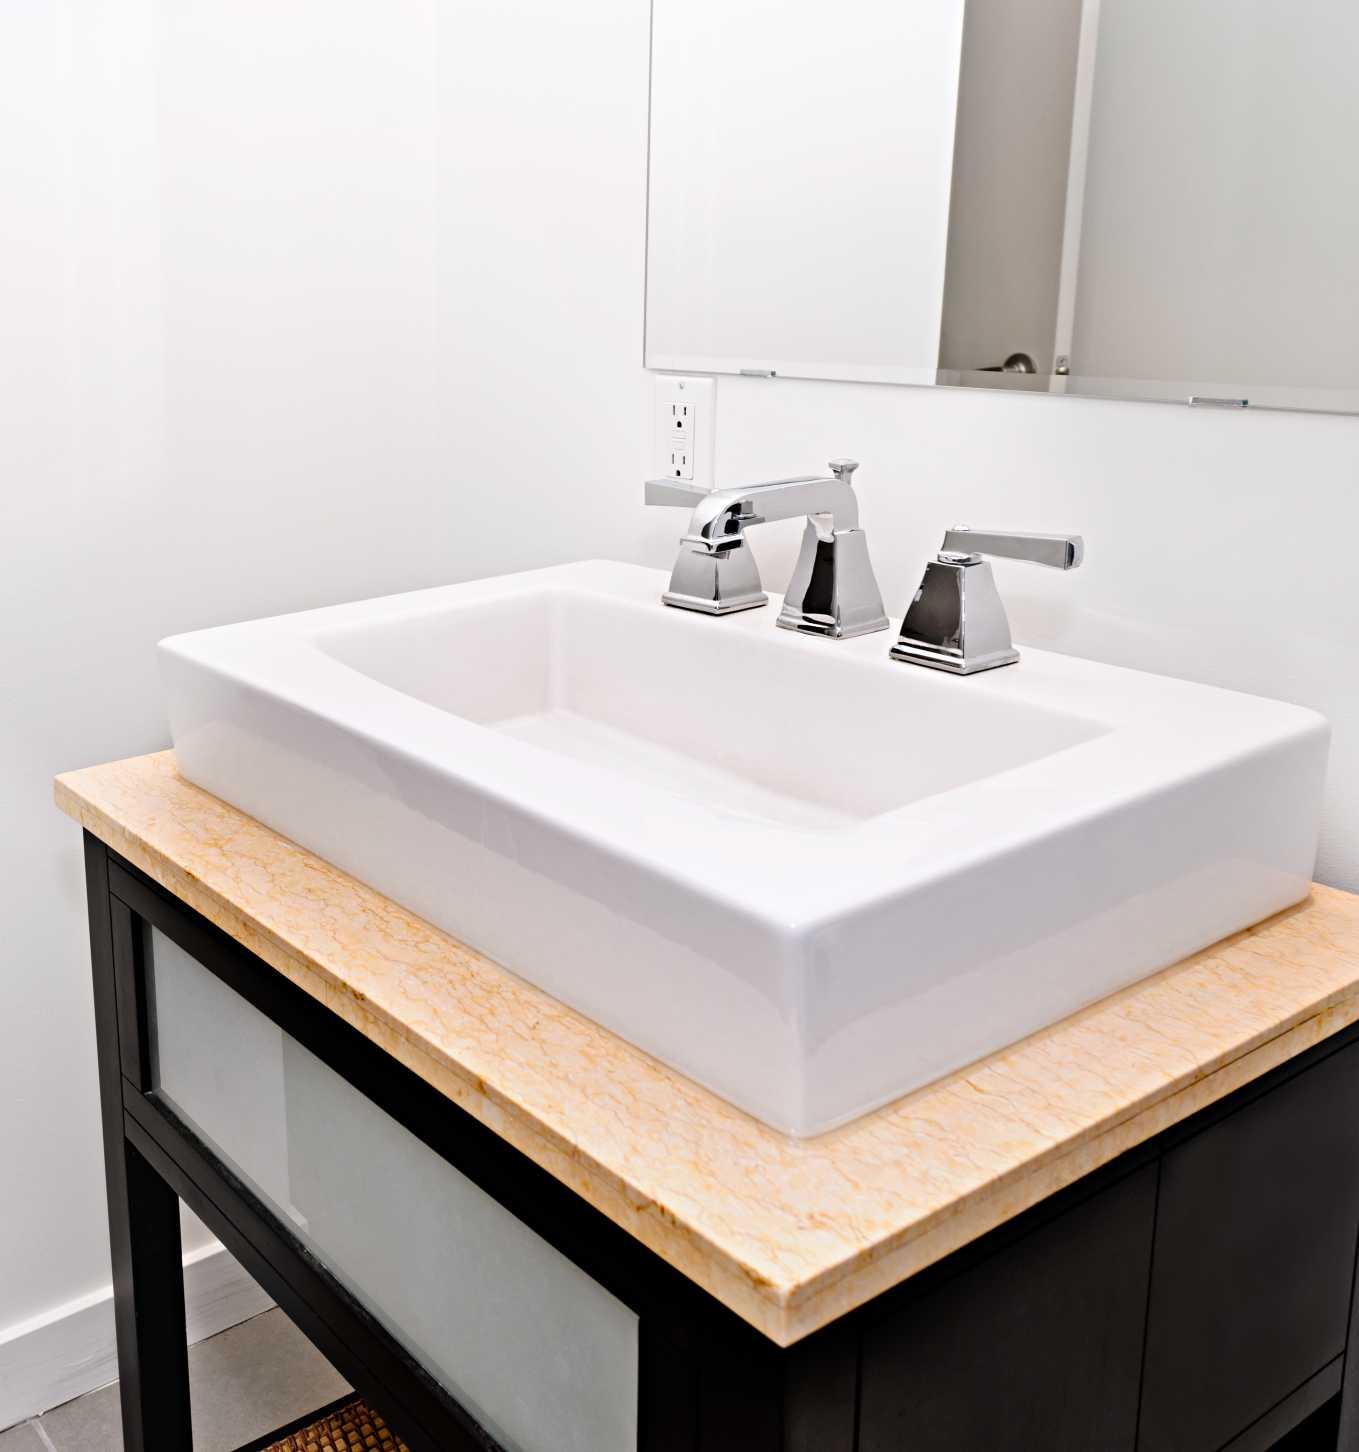 Standard Height For Bathroom Vanities, Height For Bathroom Vanity